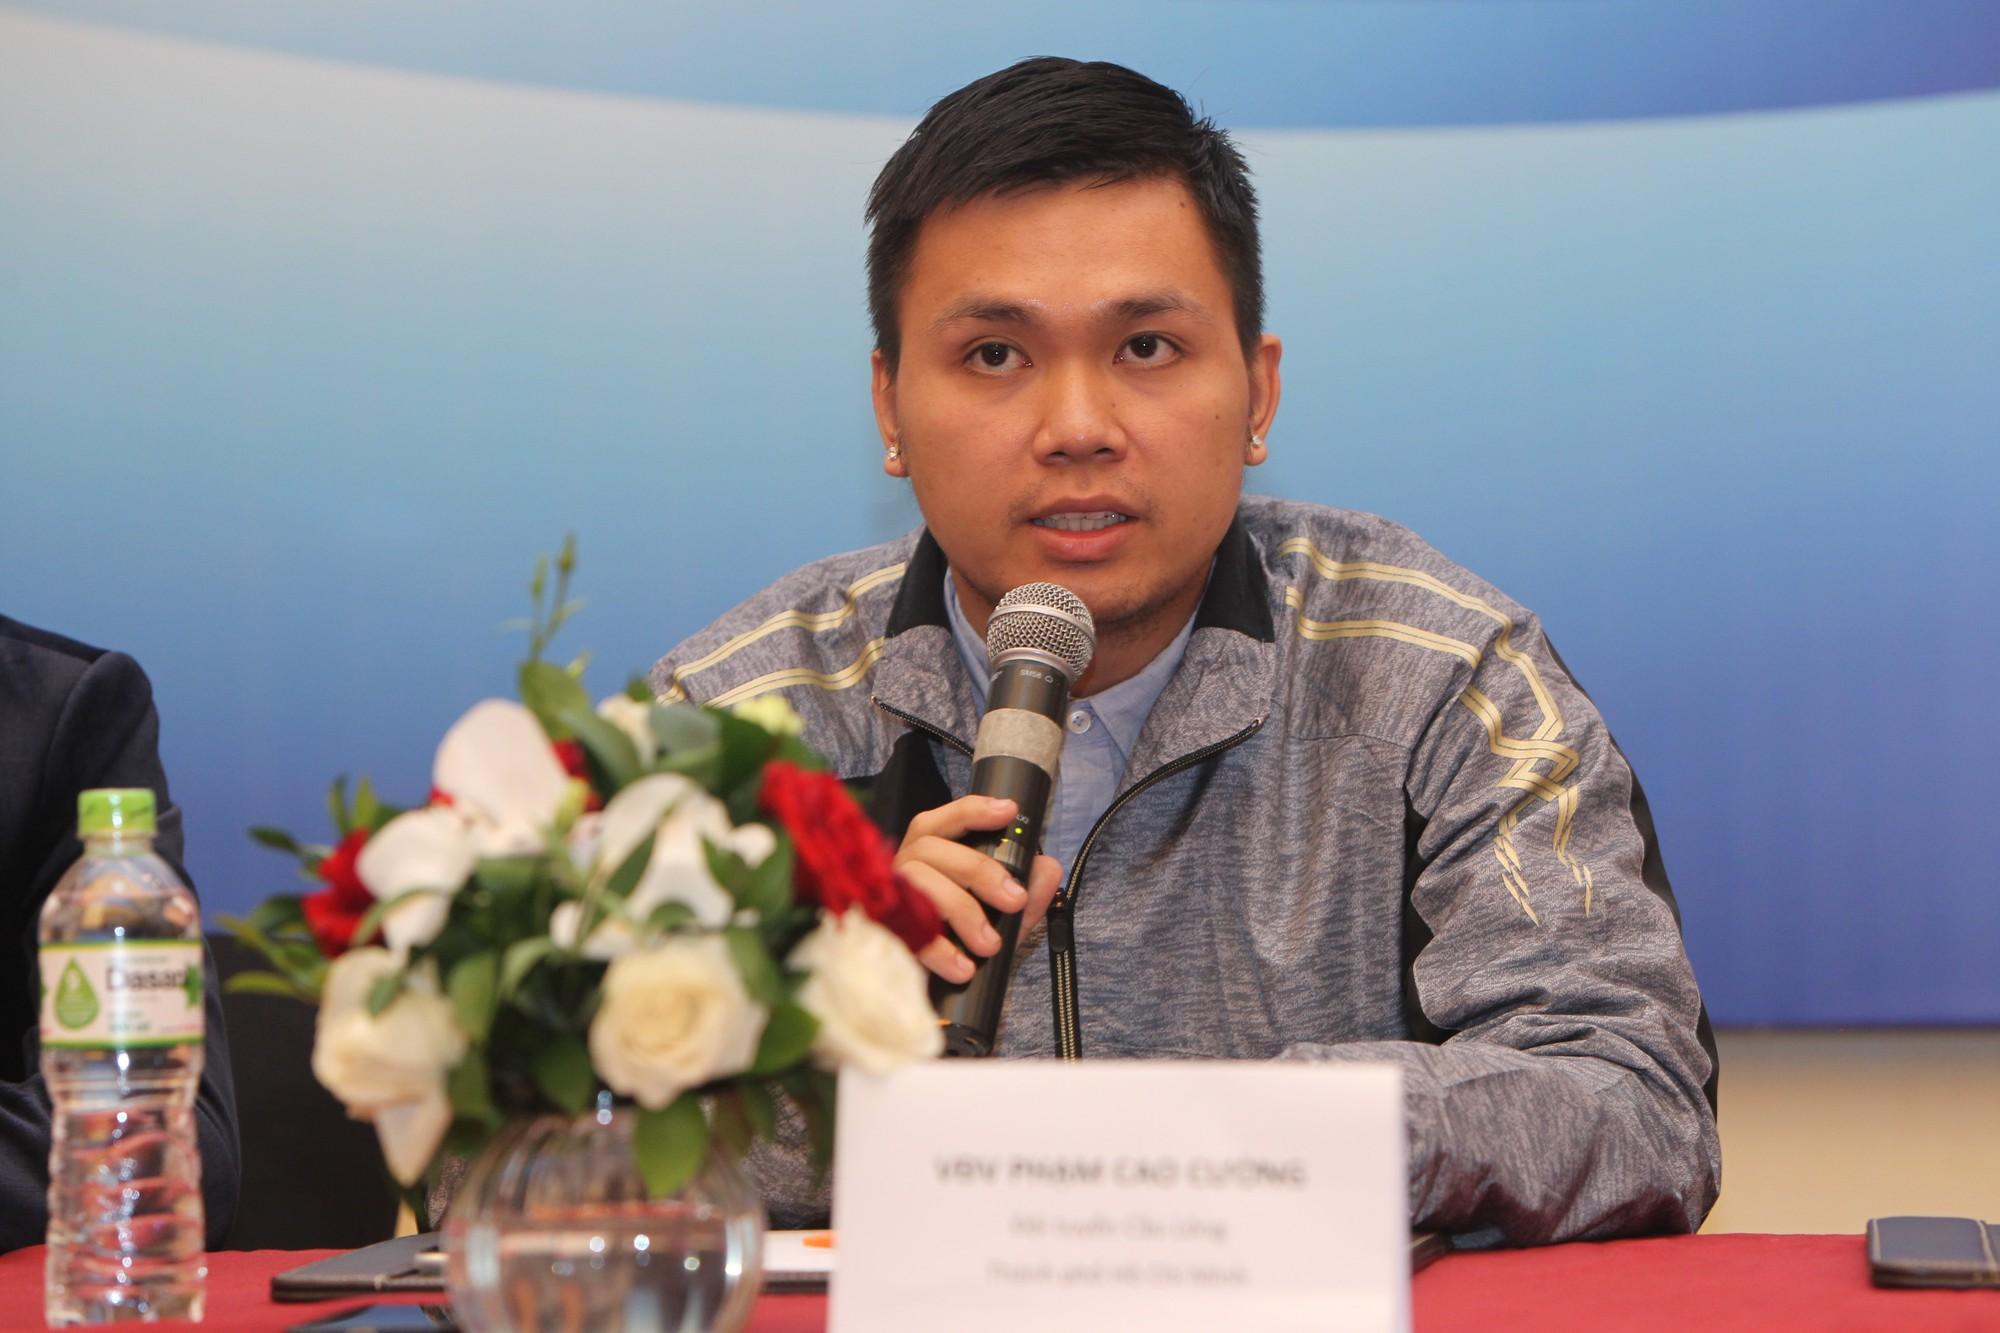 Truyền nhân của Tiến Minh nhận tài trợ chuyên biệt, quyết giành vé Olympic 2020 - Ảnh 2.